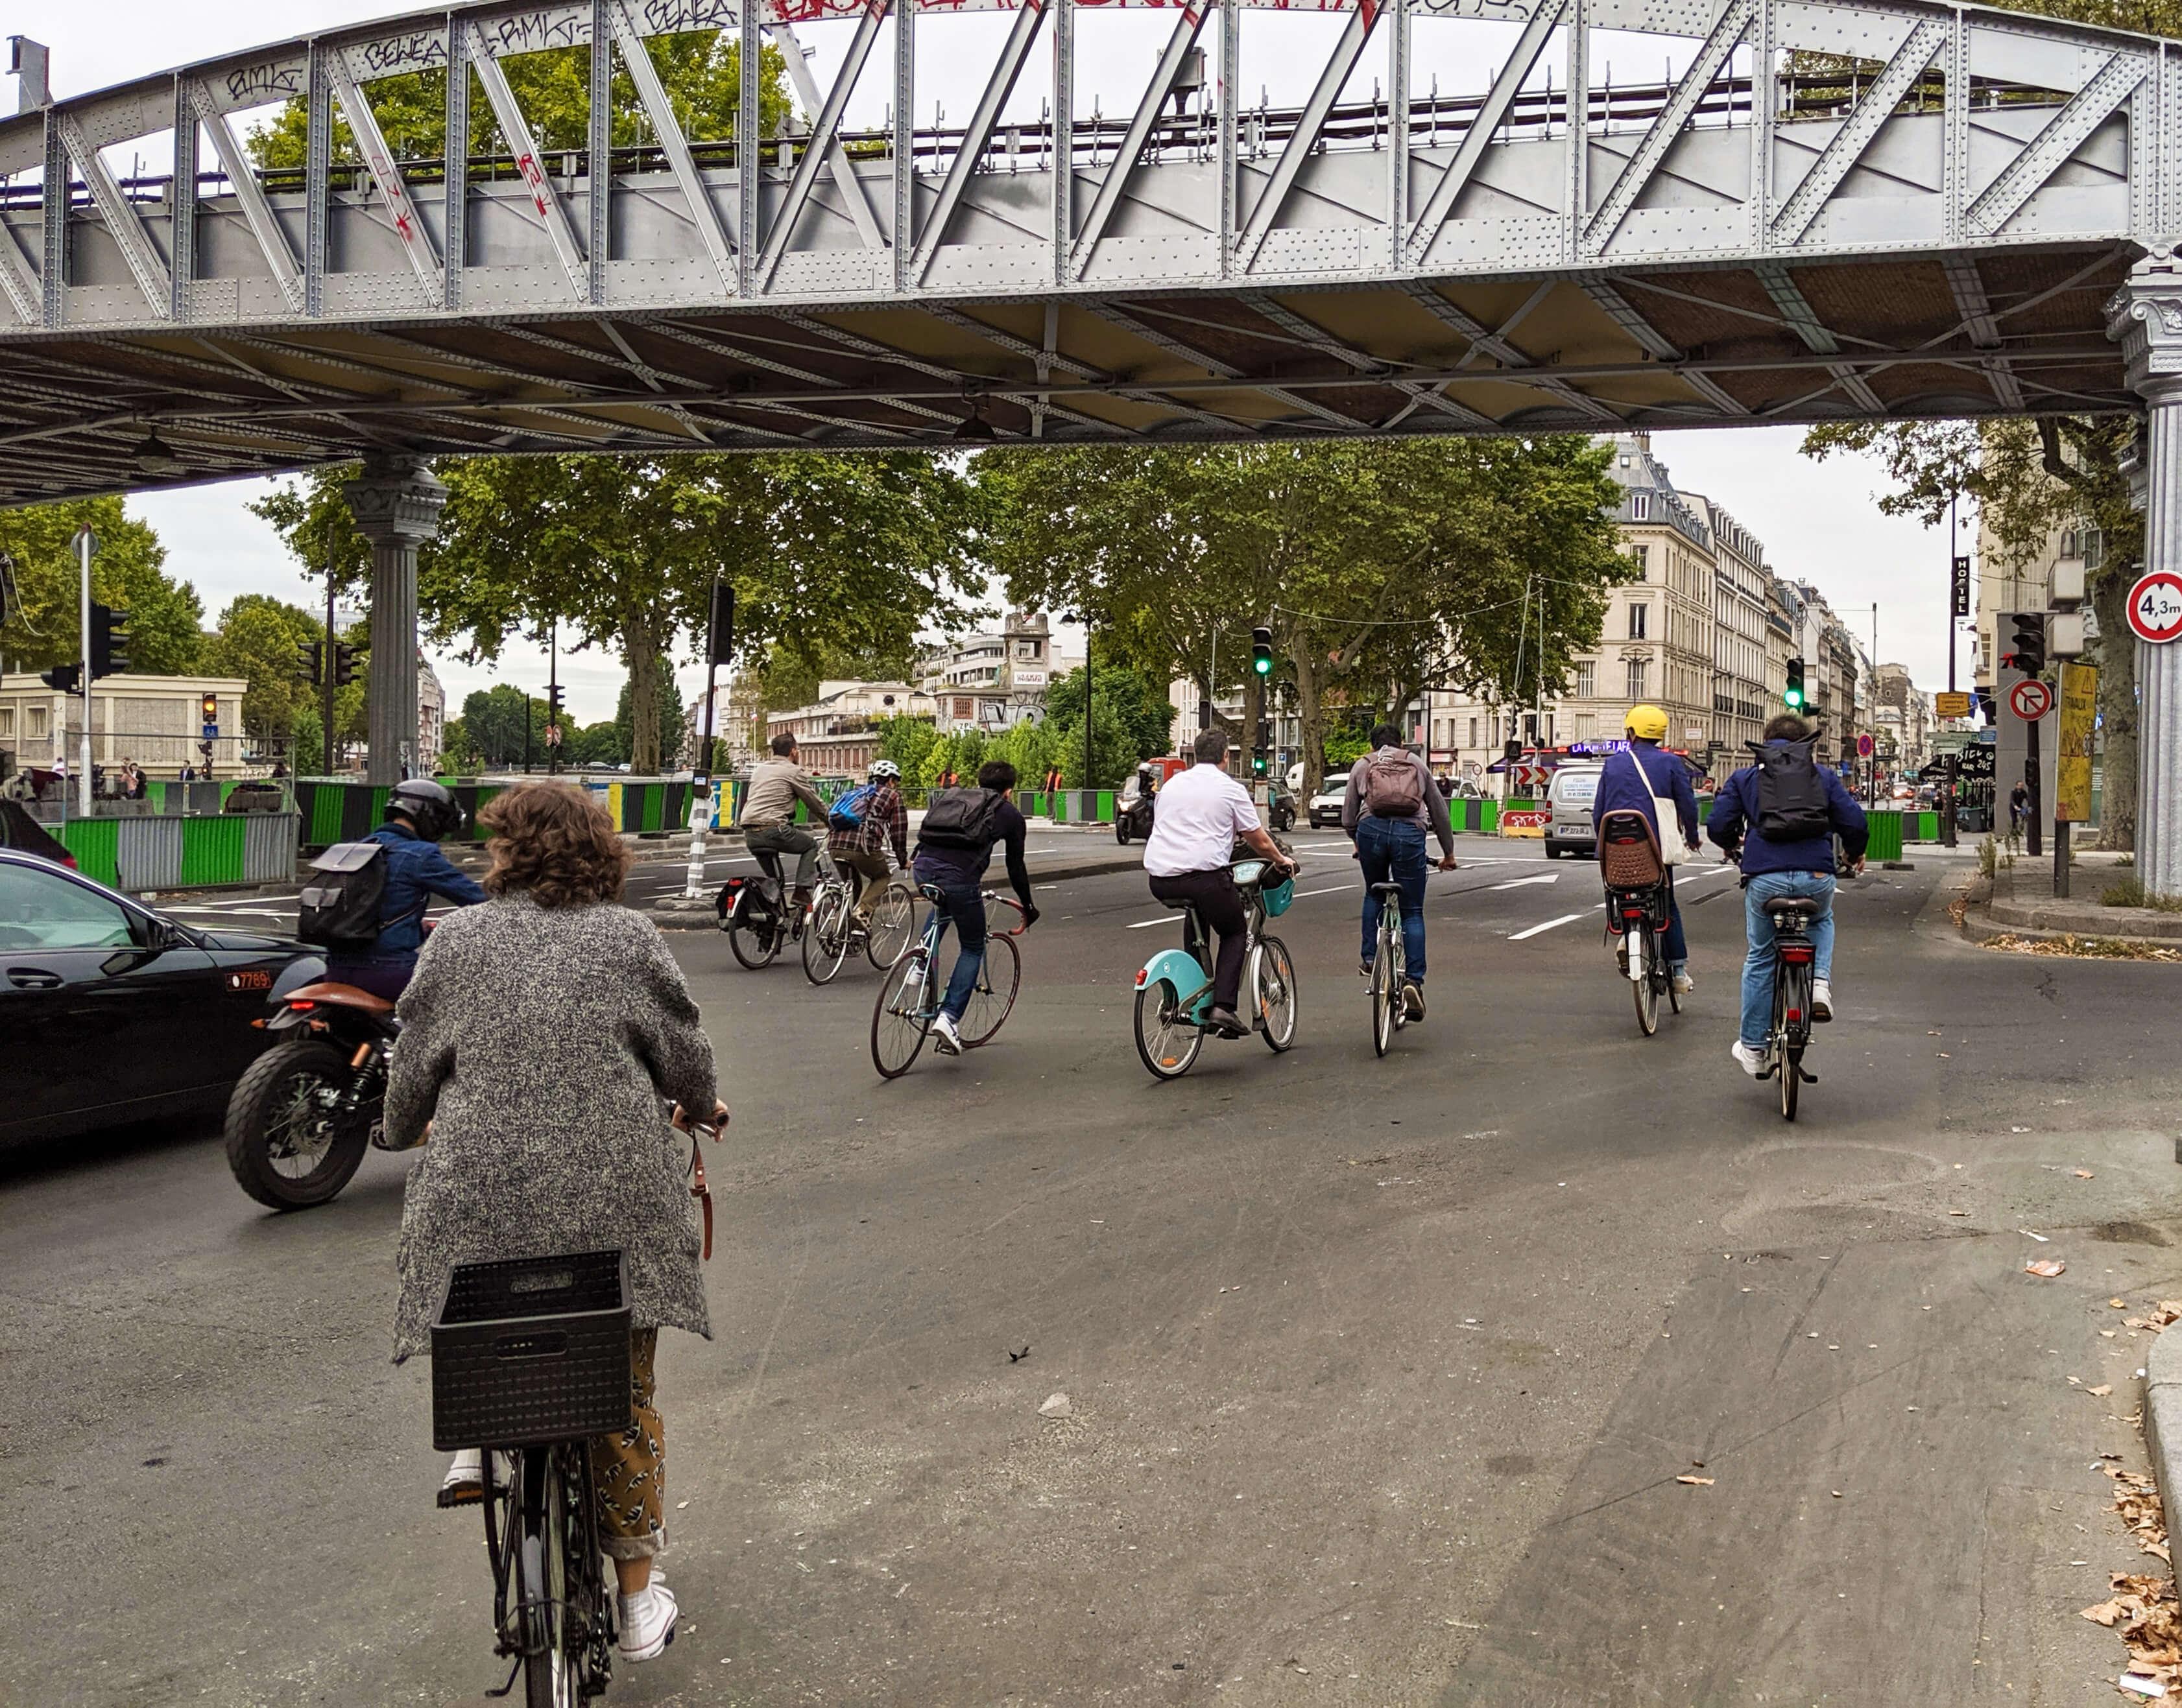 Pourquoi les deux-roues motorisés ont l'air bien plus nombreux que les cyclistes à Paris, alors que c'est faux ?